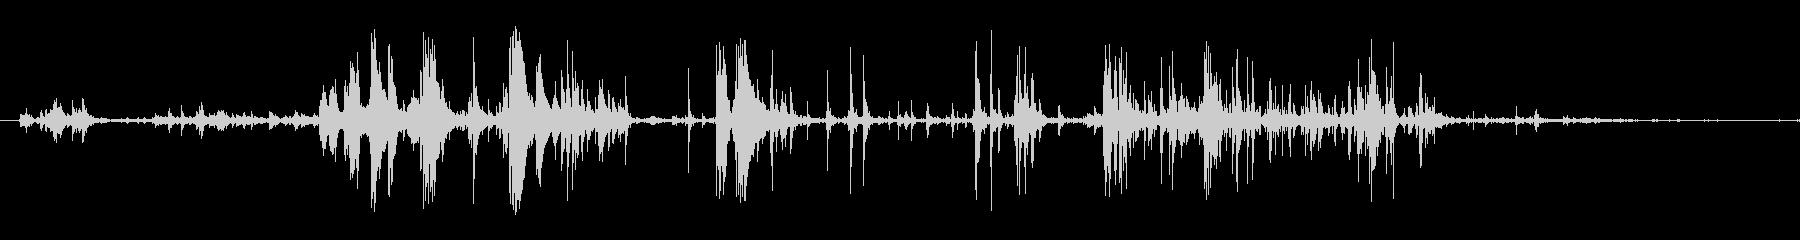 食べる音05(ポテトチップスなど)の未再生の波形